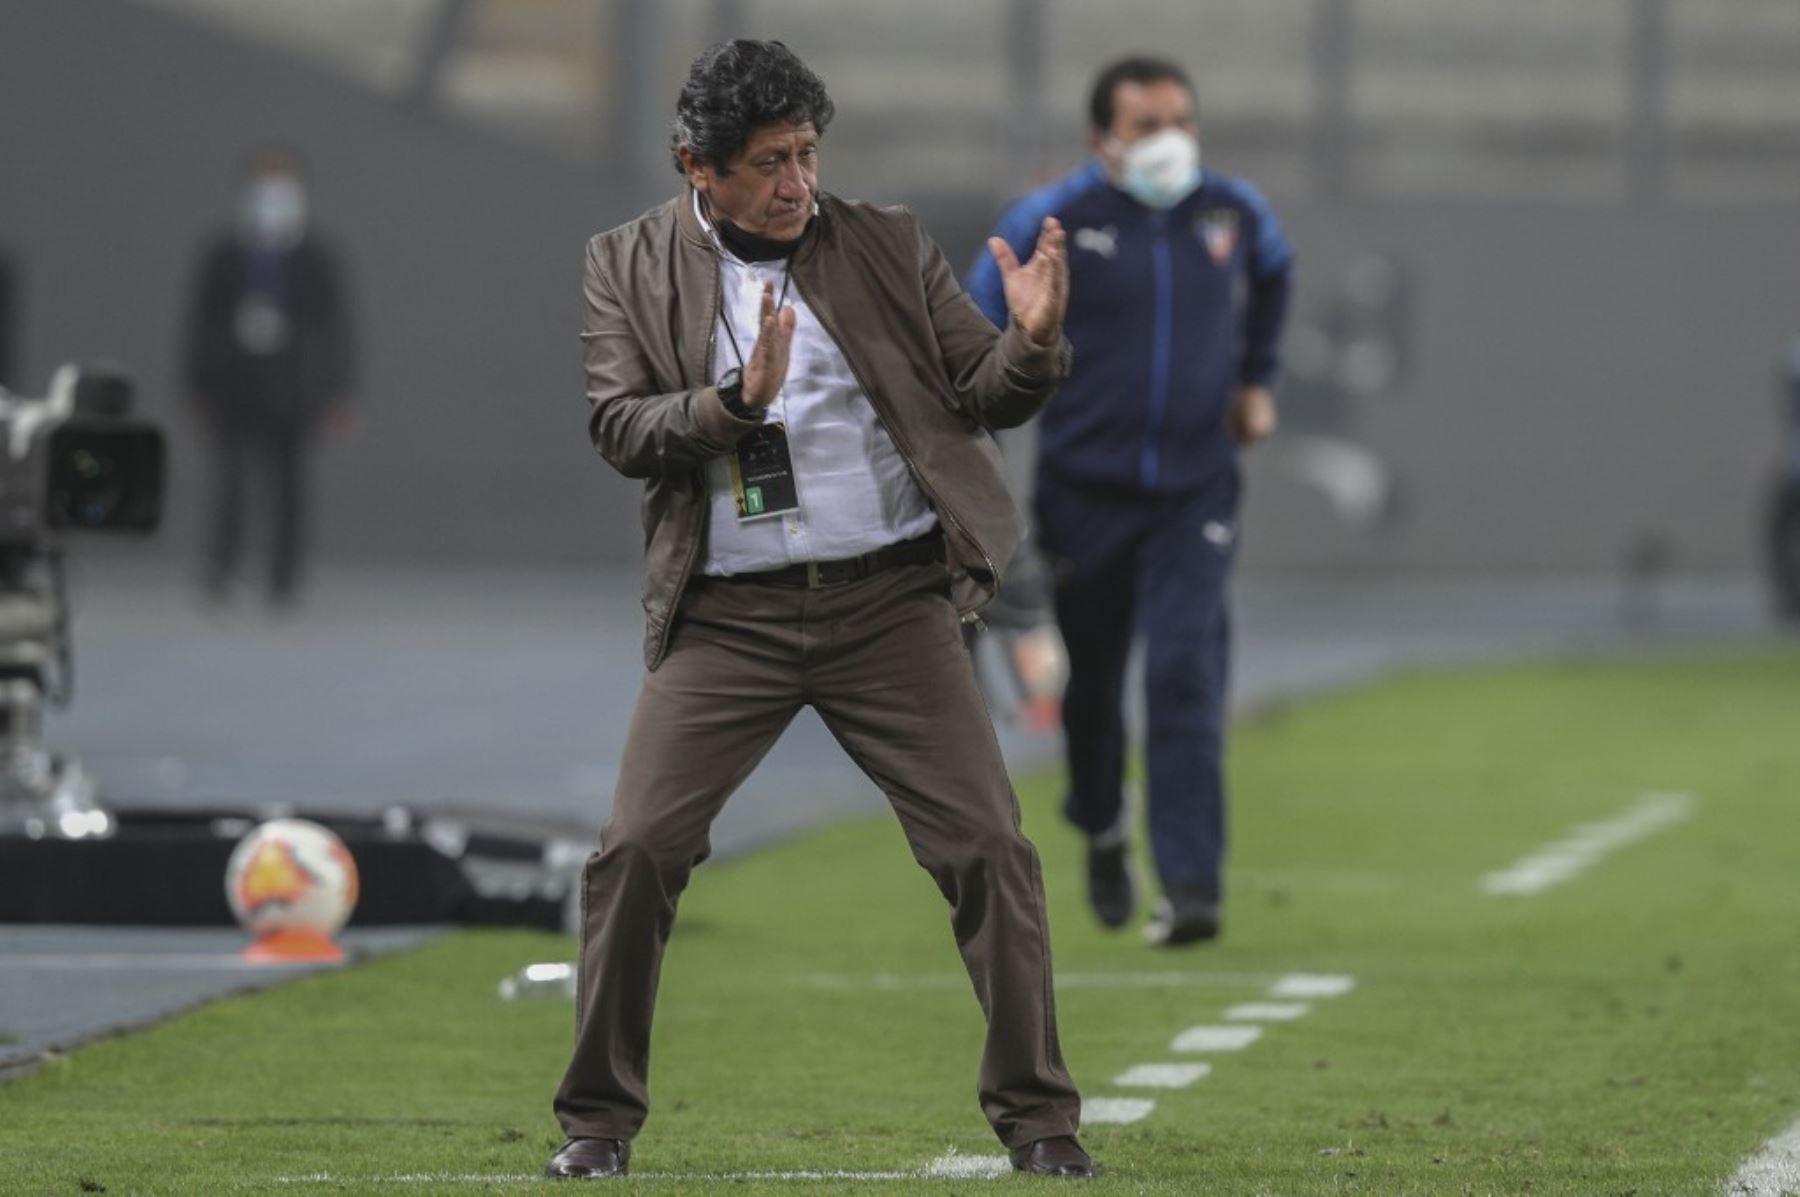 El entrenador de la Binacional de Perú, Javier Arce, hace gestos durante el partido de fútbol a puertas cerradas por la fase de grupos de la Copa Libertadores, en el Estadio Nacional de Lima. Foto: AFP